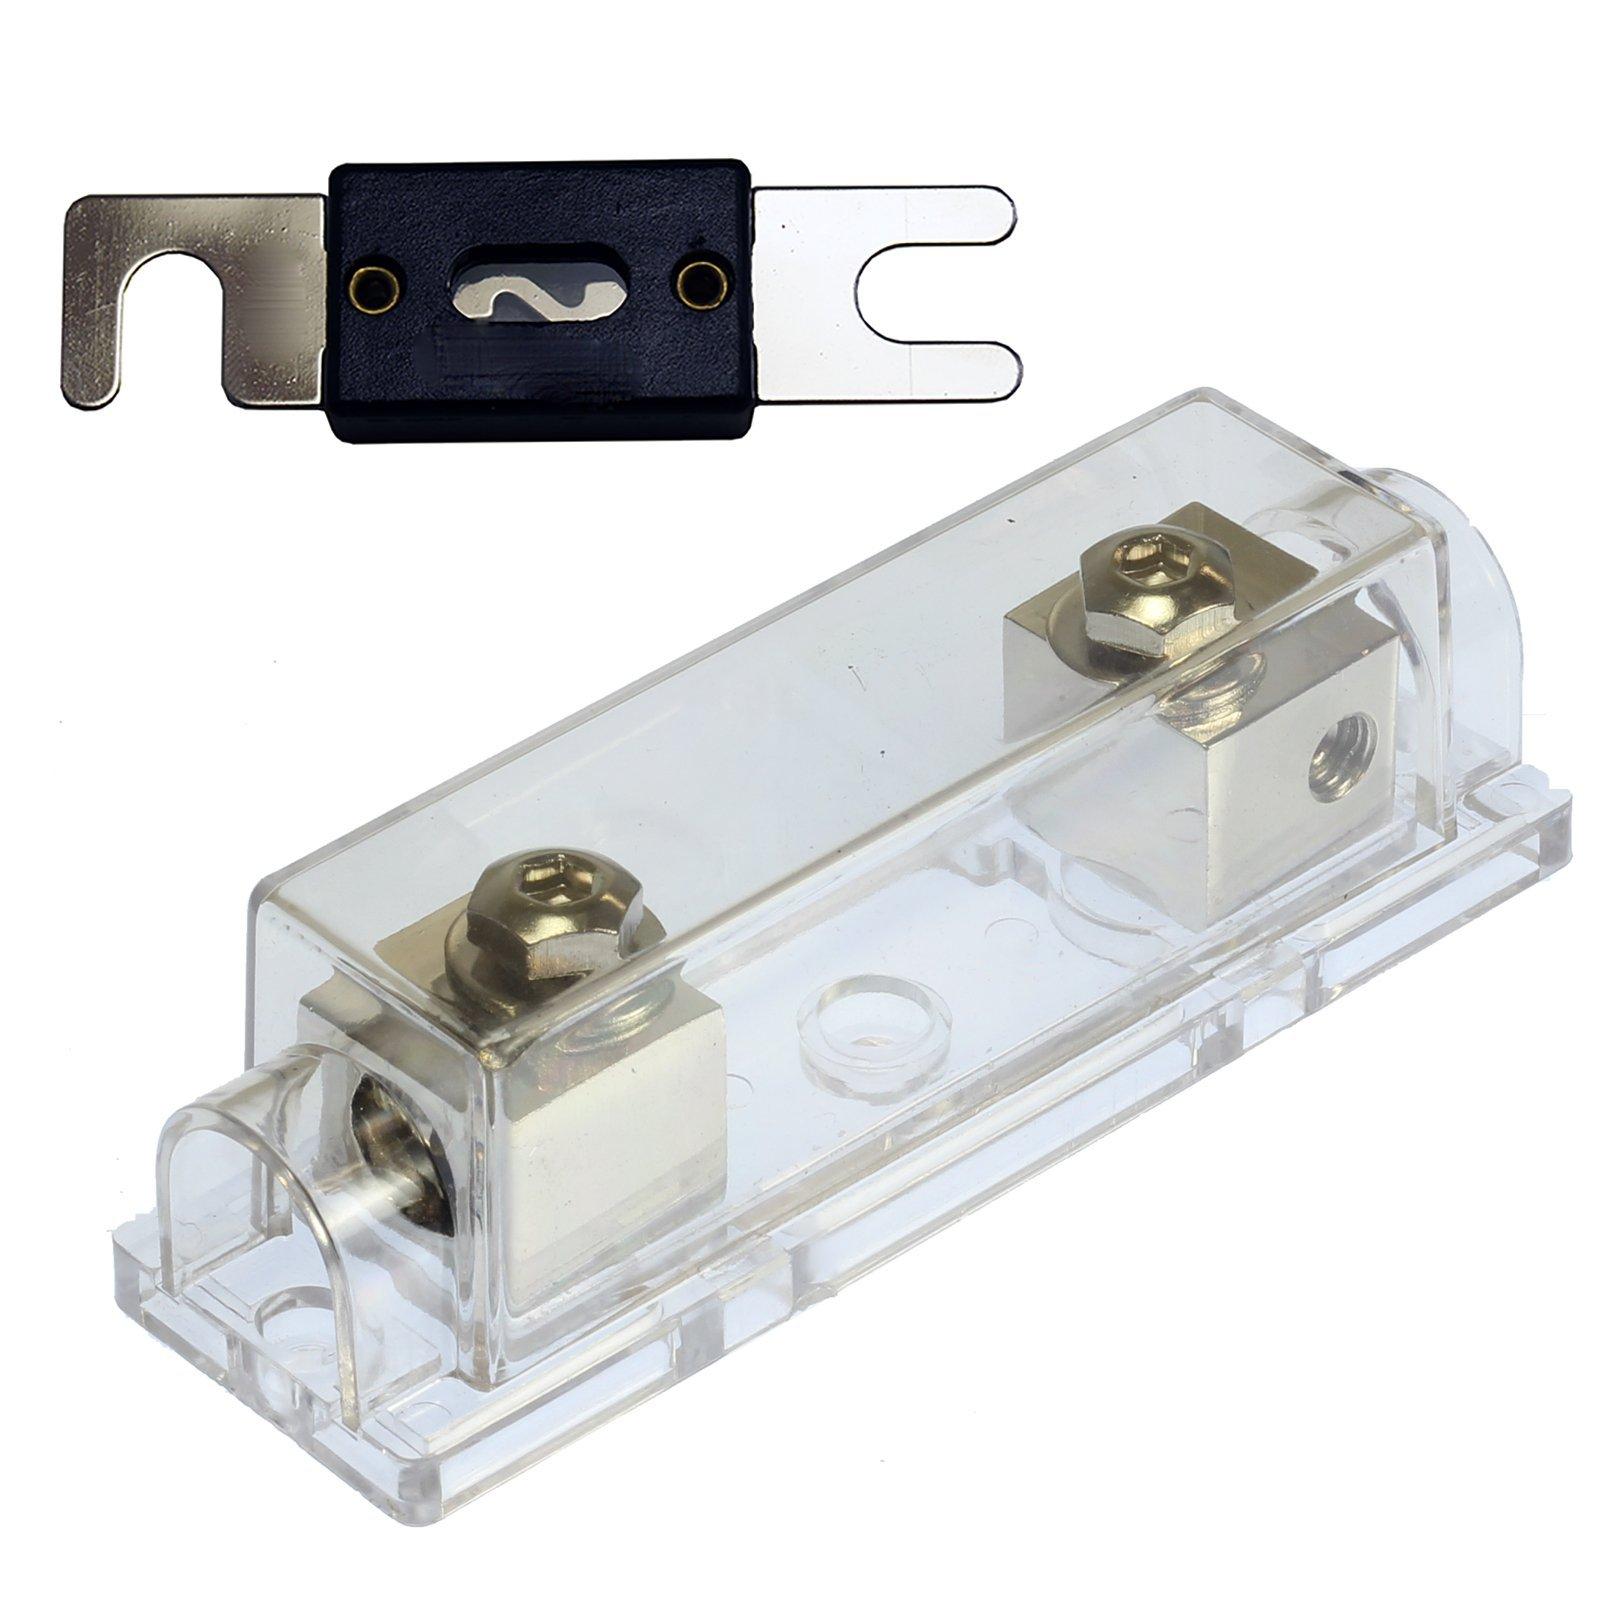 (1) 350 AMP ANL Fuse & (1) Inline Fuseholder Battery Install Kit 1/0 Gauge 1FT by 12voltnet (Image #2)